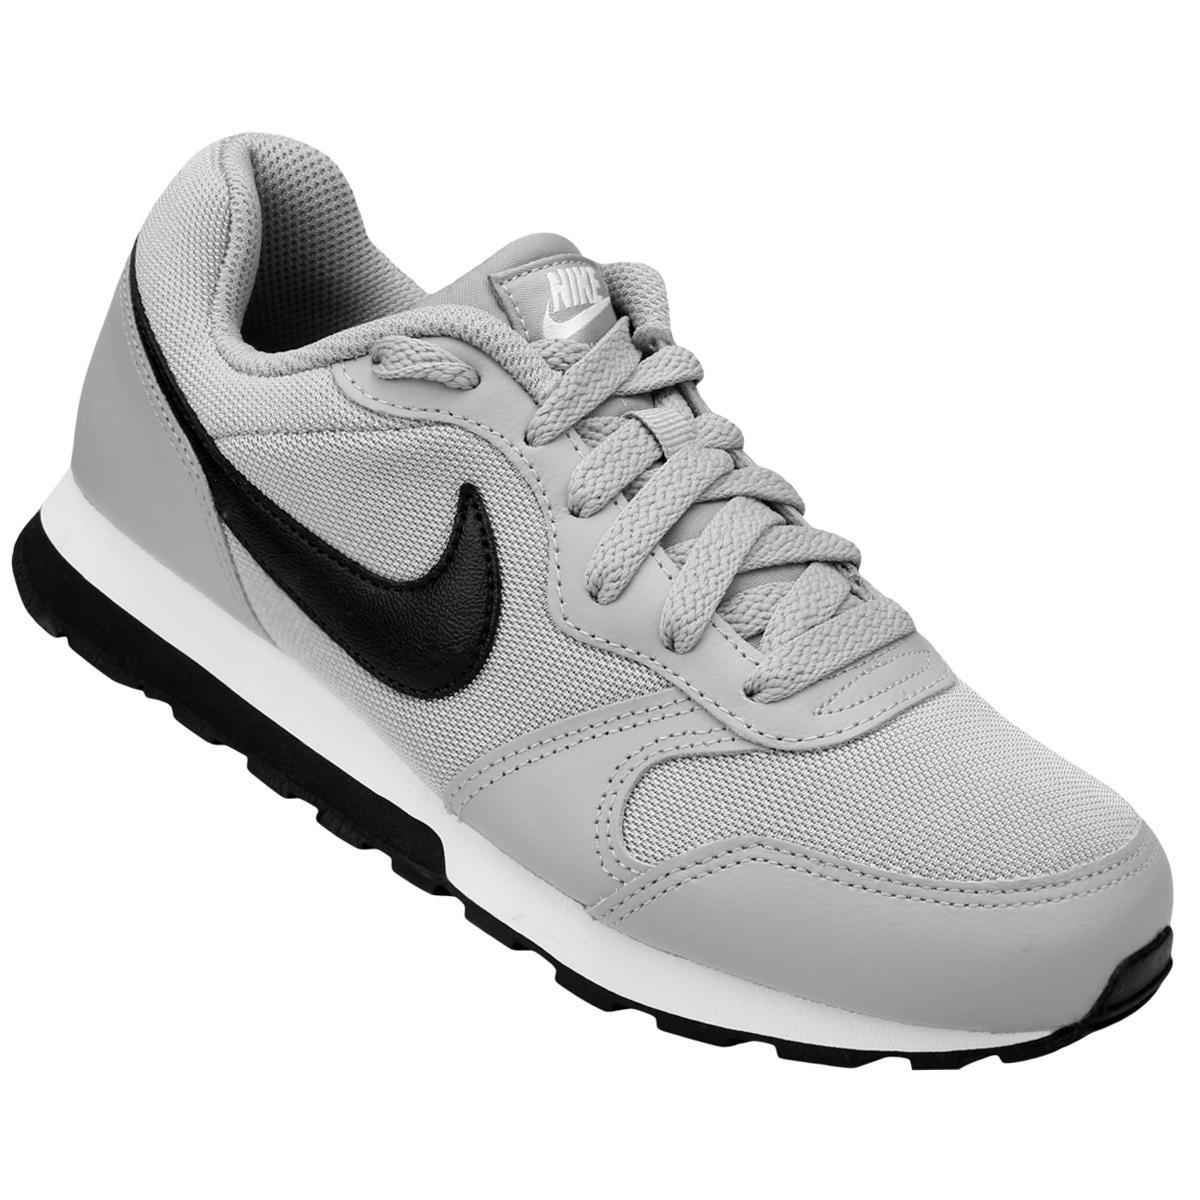 60e5569d016 Tênis Infantil Nike Md Runner 2 - Cinza e Preto - Compre Agora ...